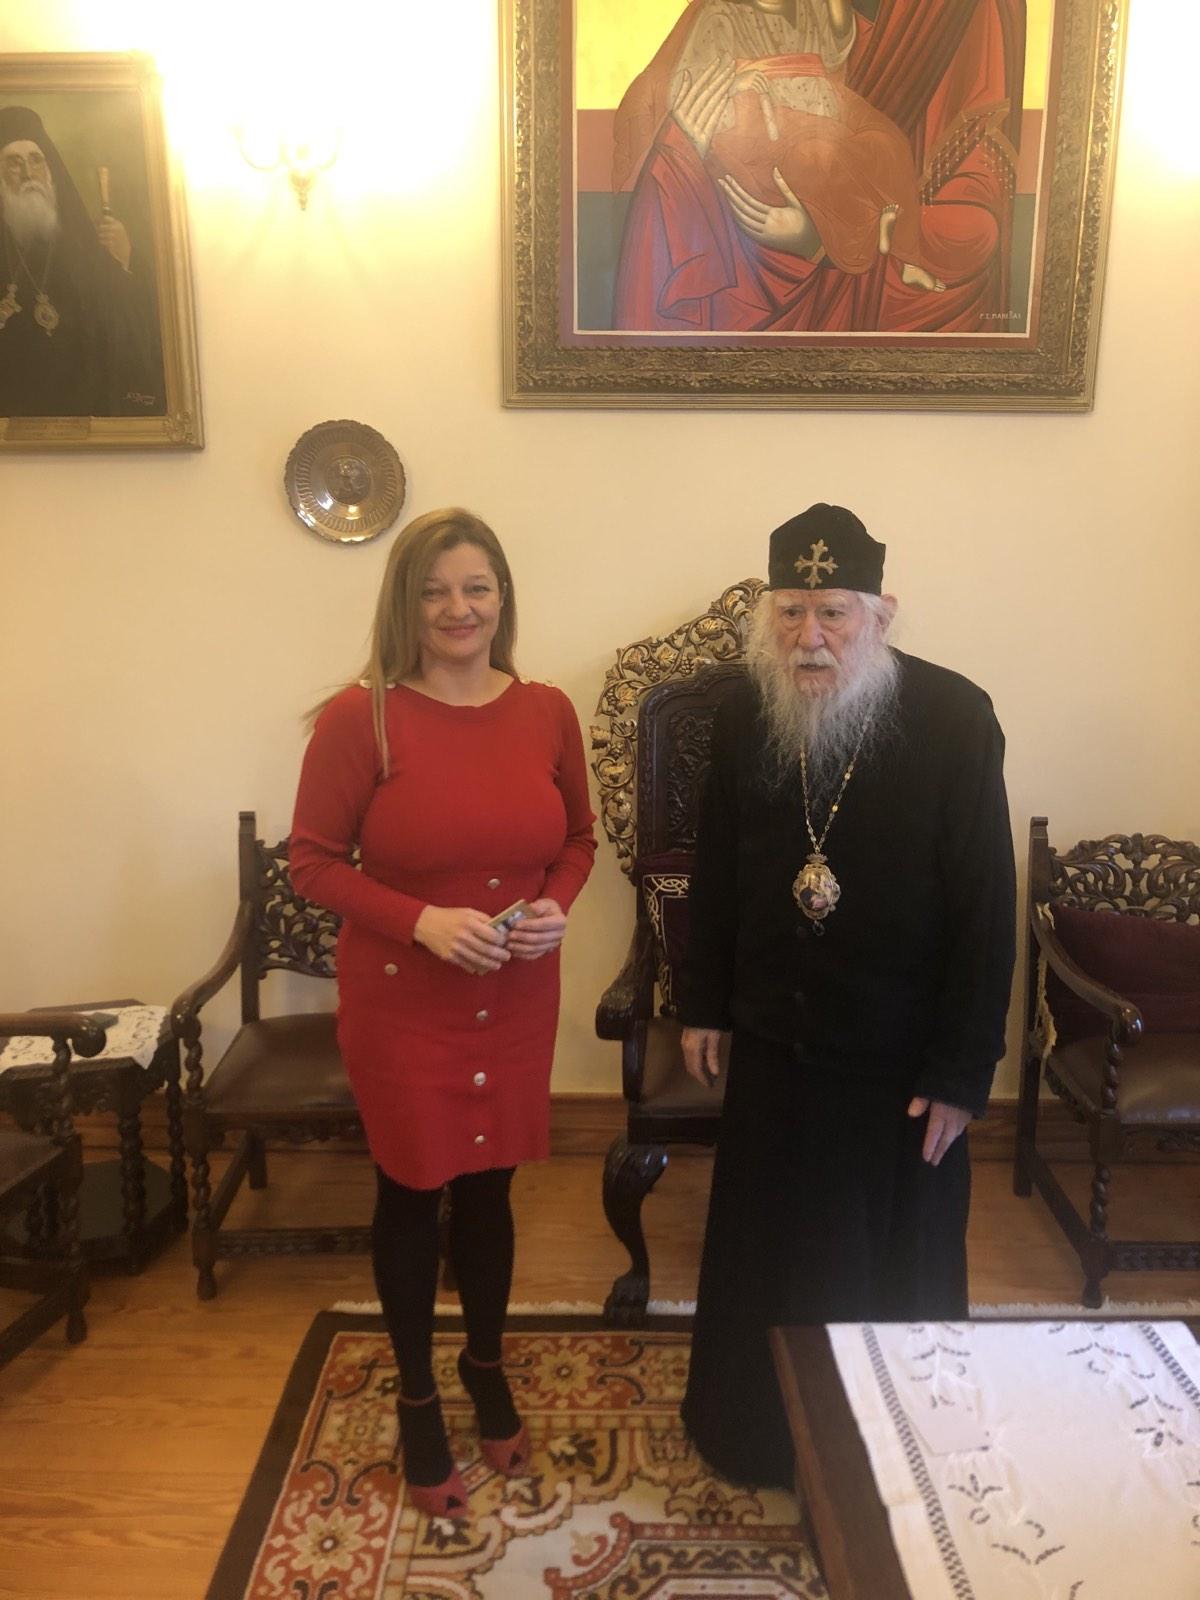 Ουσιαστική συνάντηση Αυγερινοπούλου – Μιχαηλίδου για την ενίσχυση των ιδρυμάτων της Ιεράς Μητροπόλεως Ηλείας